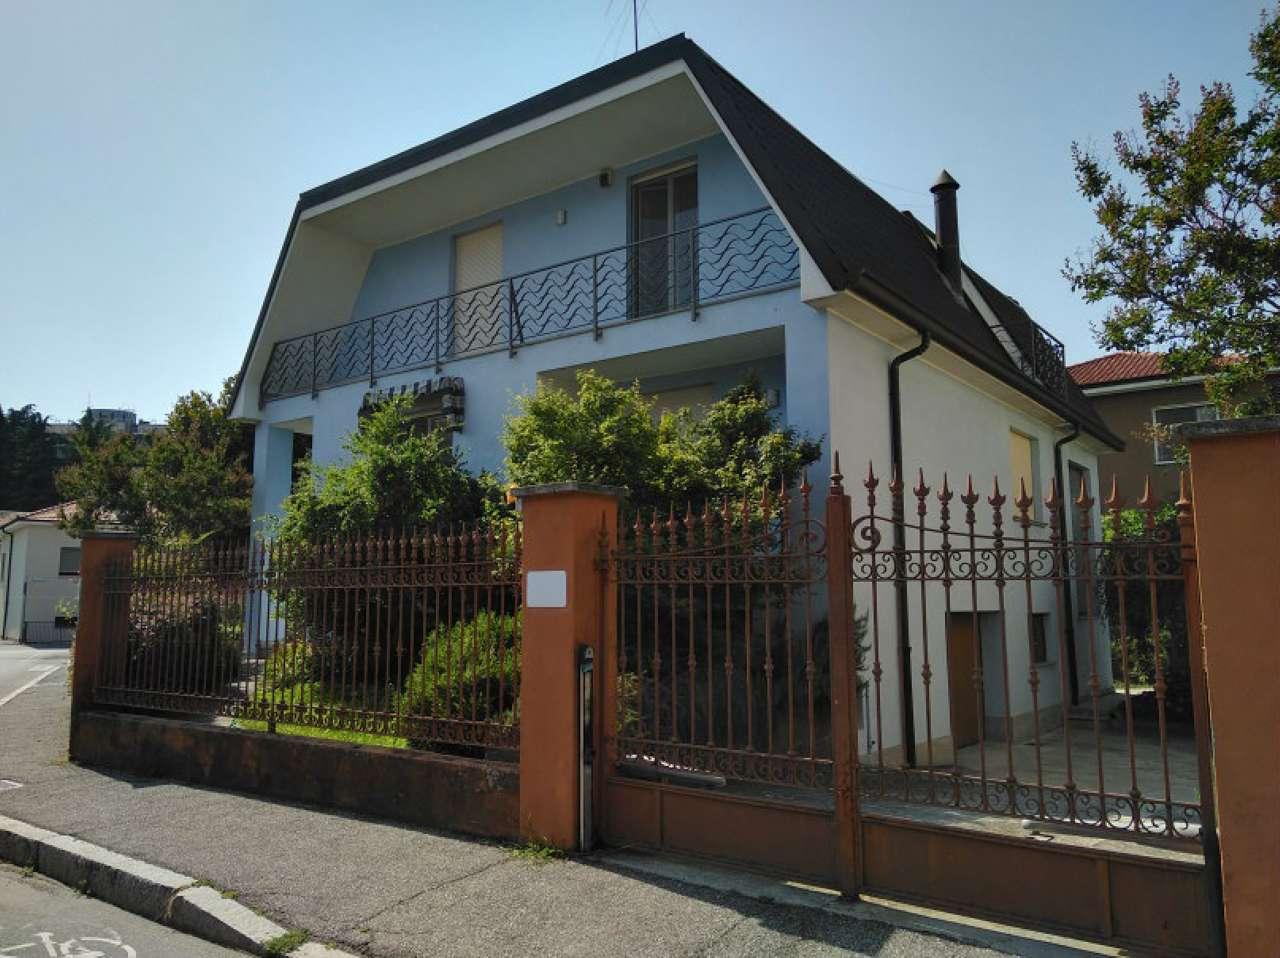 Villa in affitto a Lodi, 6 locali, prezzo € 1.800 | CambioCasa.it